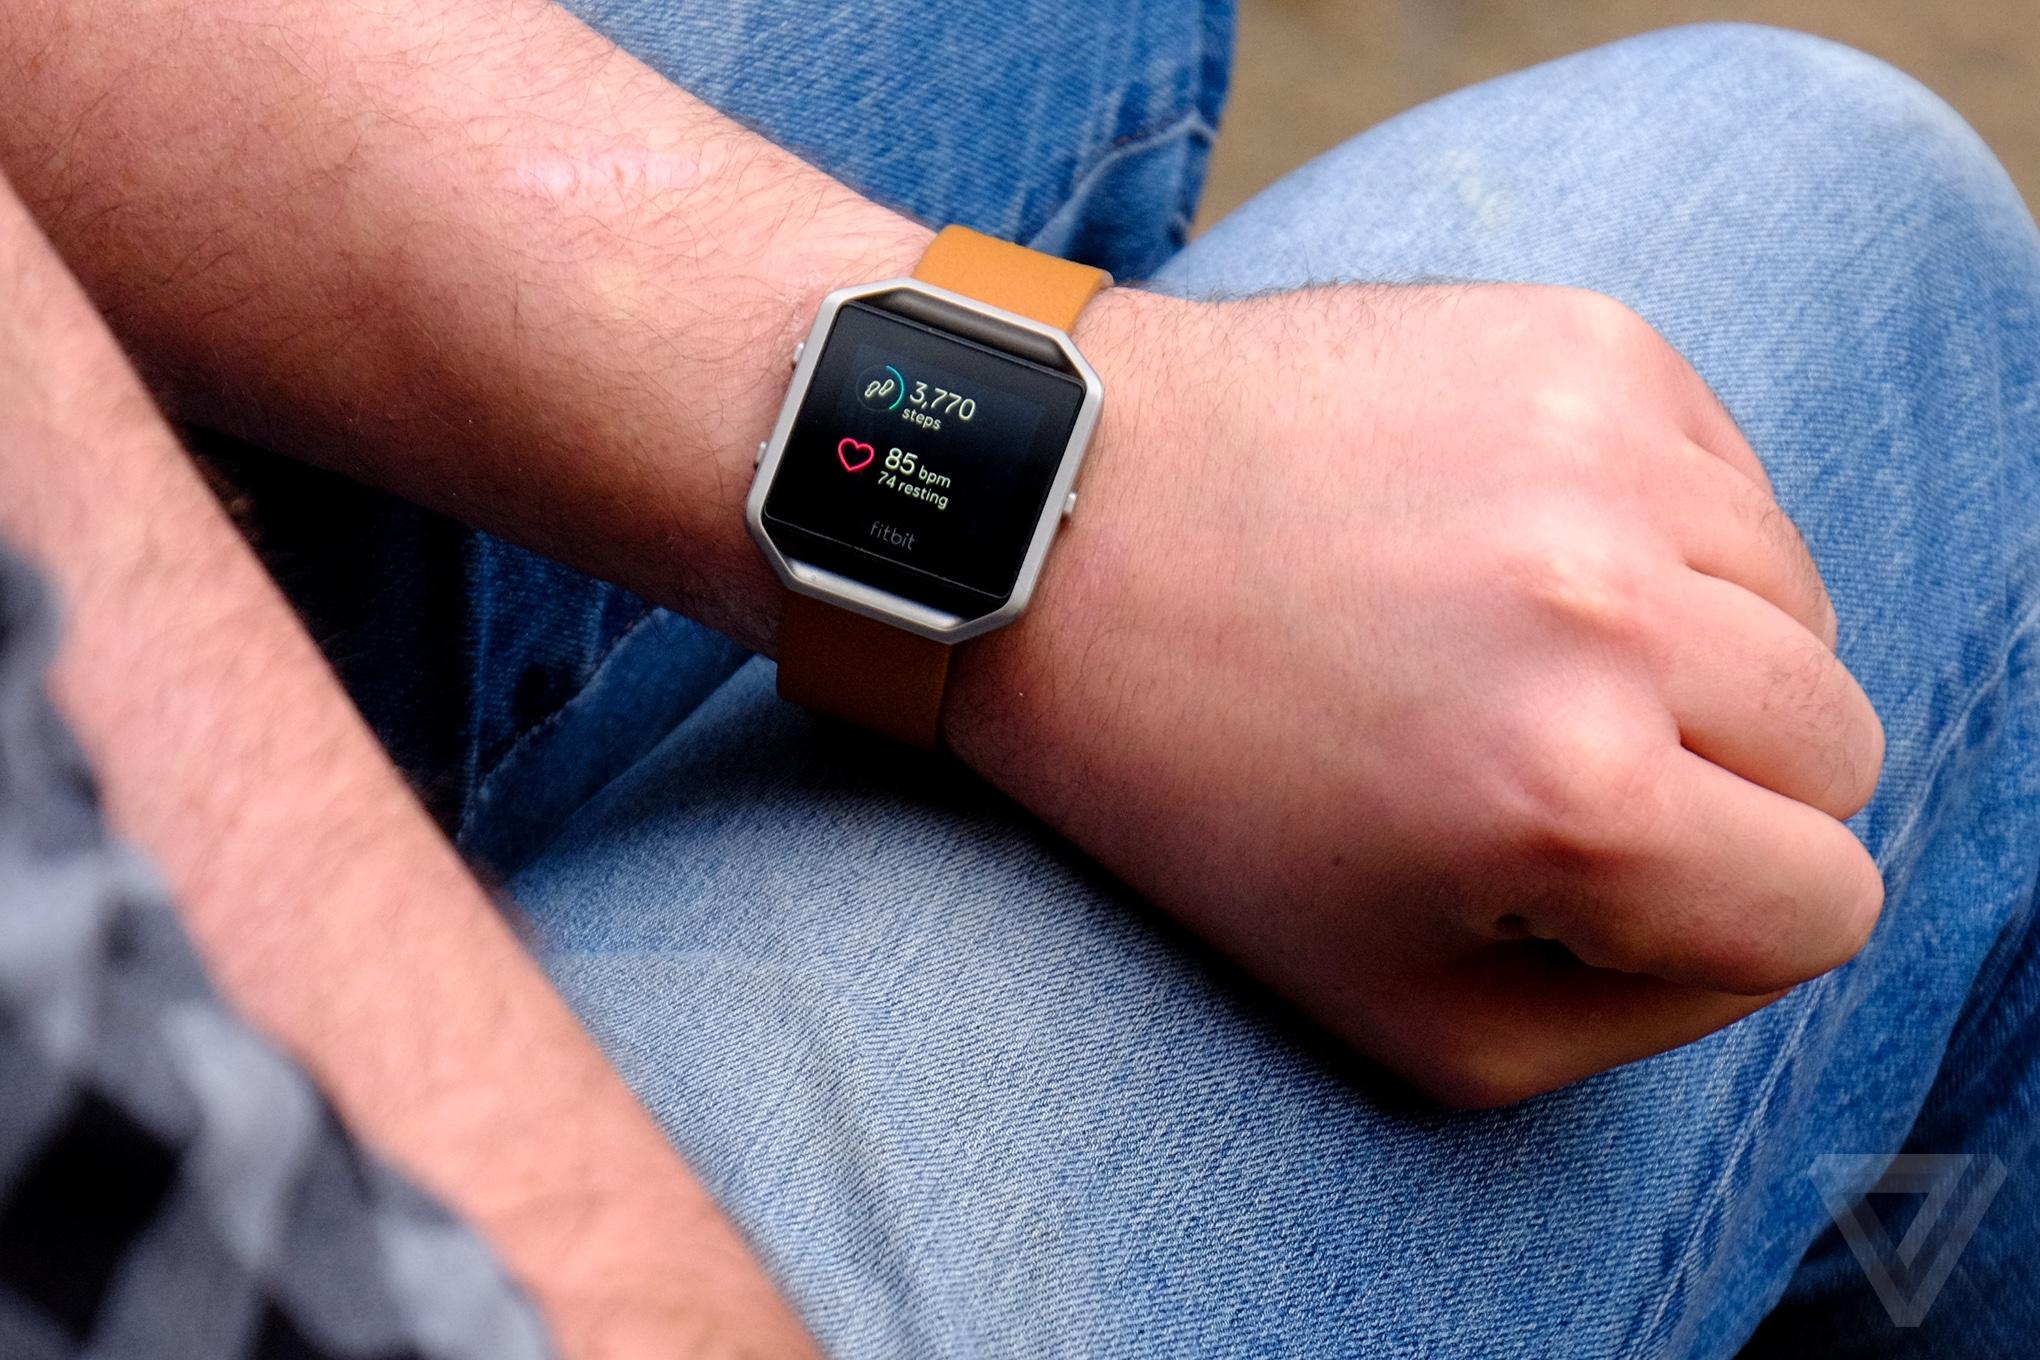 Fitbit-Blaze-05-Verge-Welch